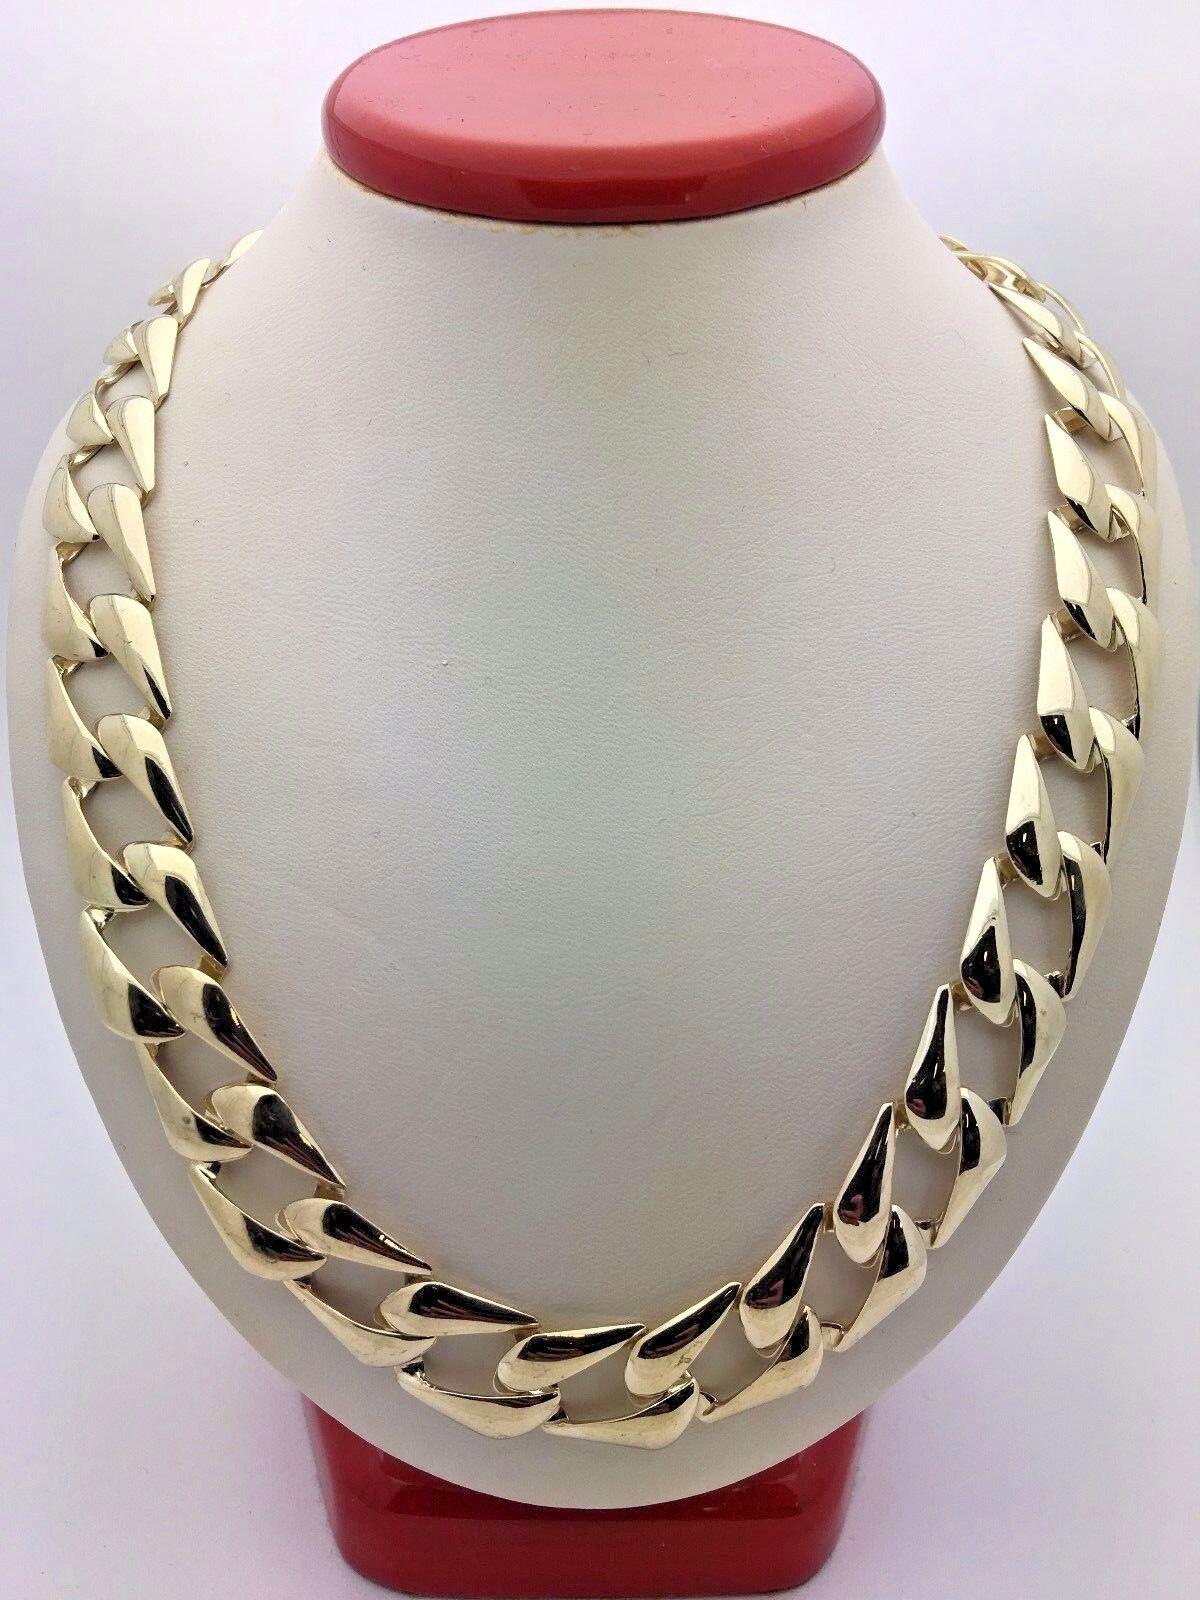 49da28f9c Men's 10K Yellow Gold Cuban Link Chain Necklace Light Weight 24.5